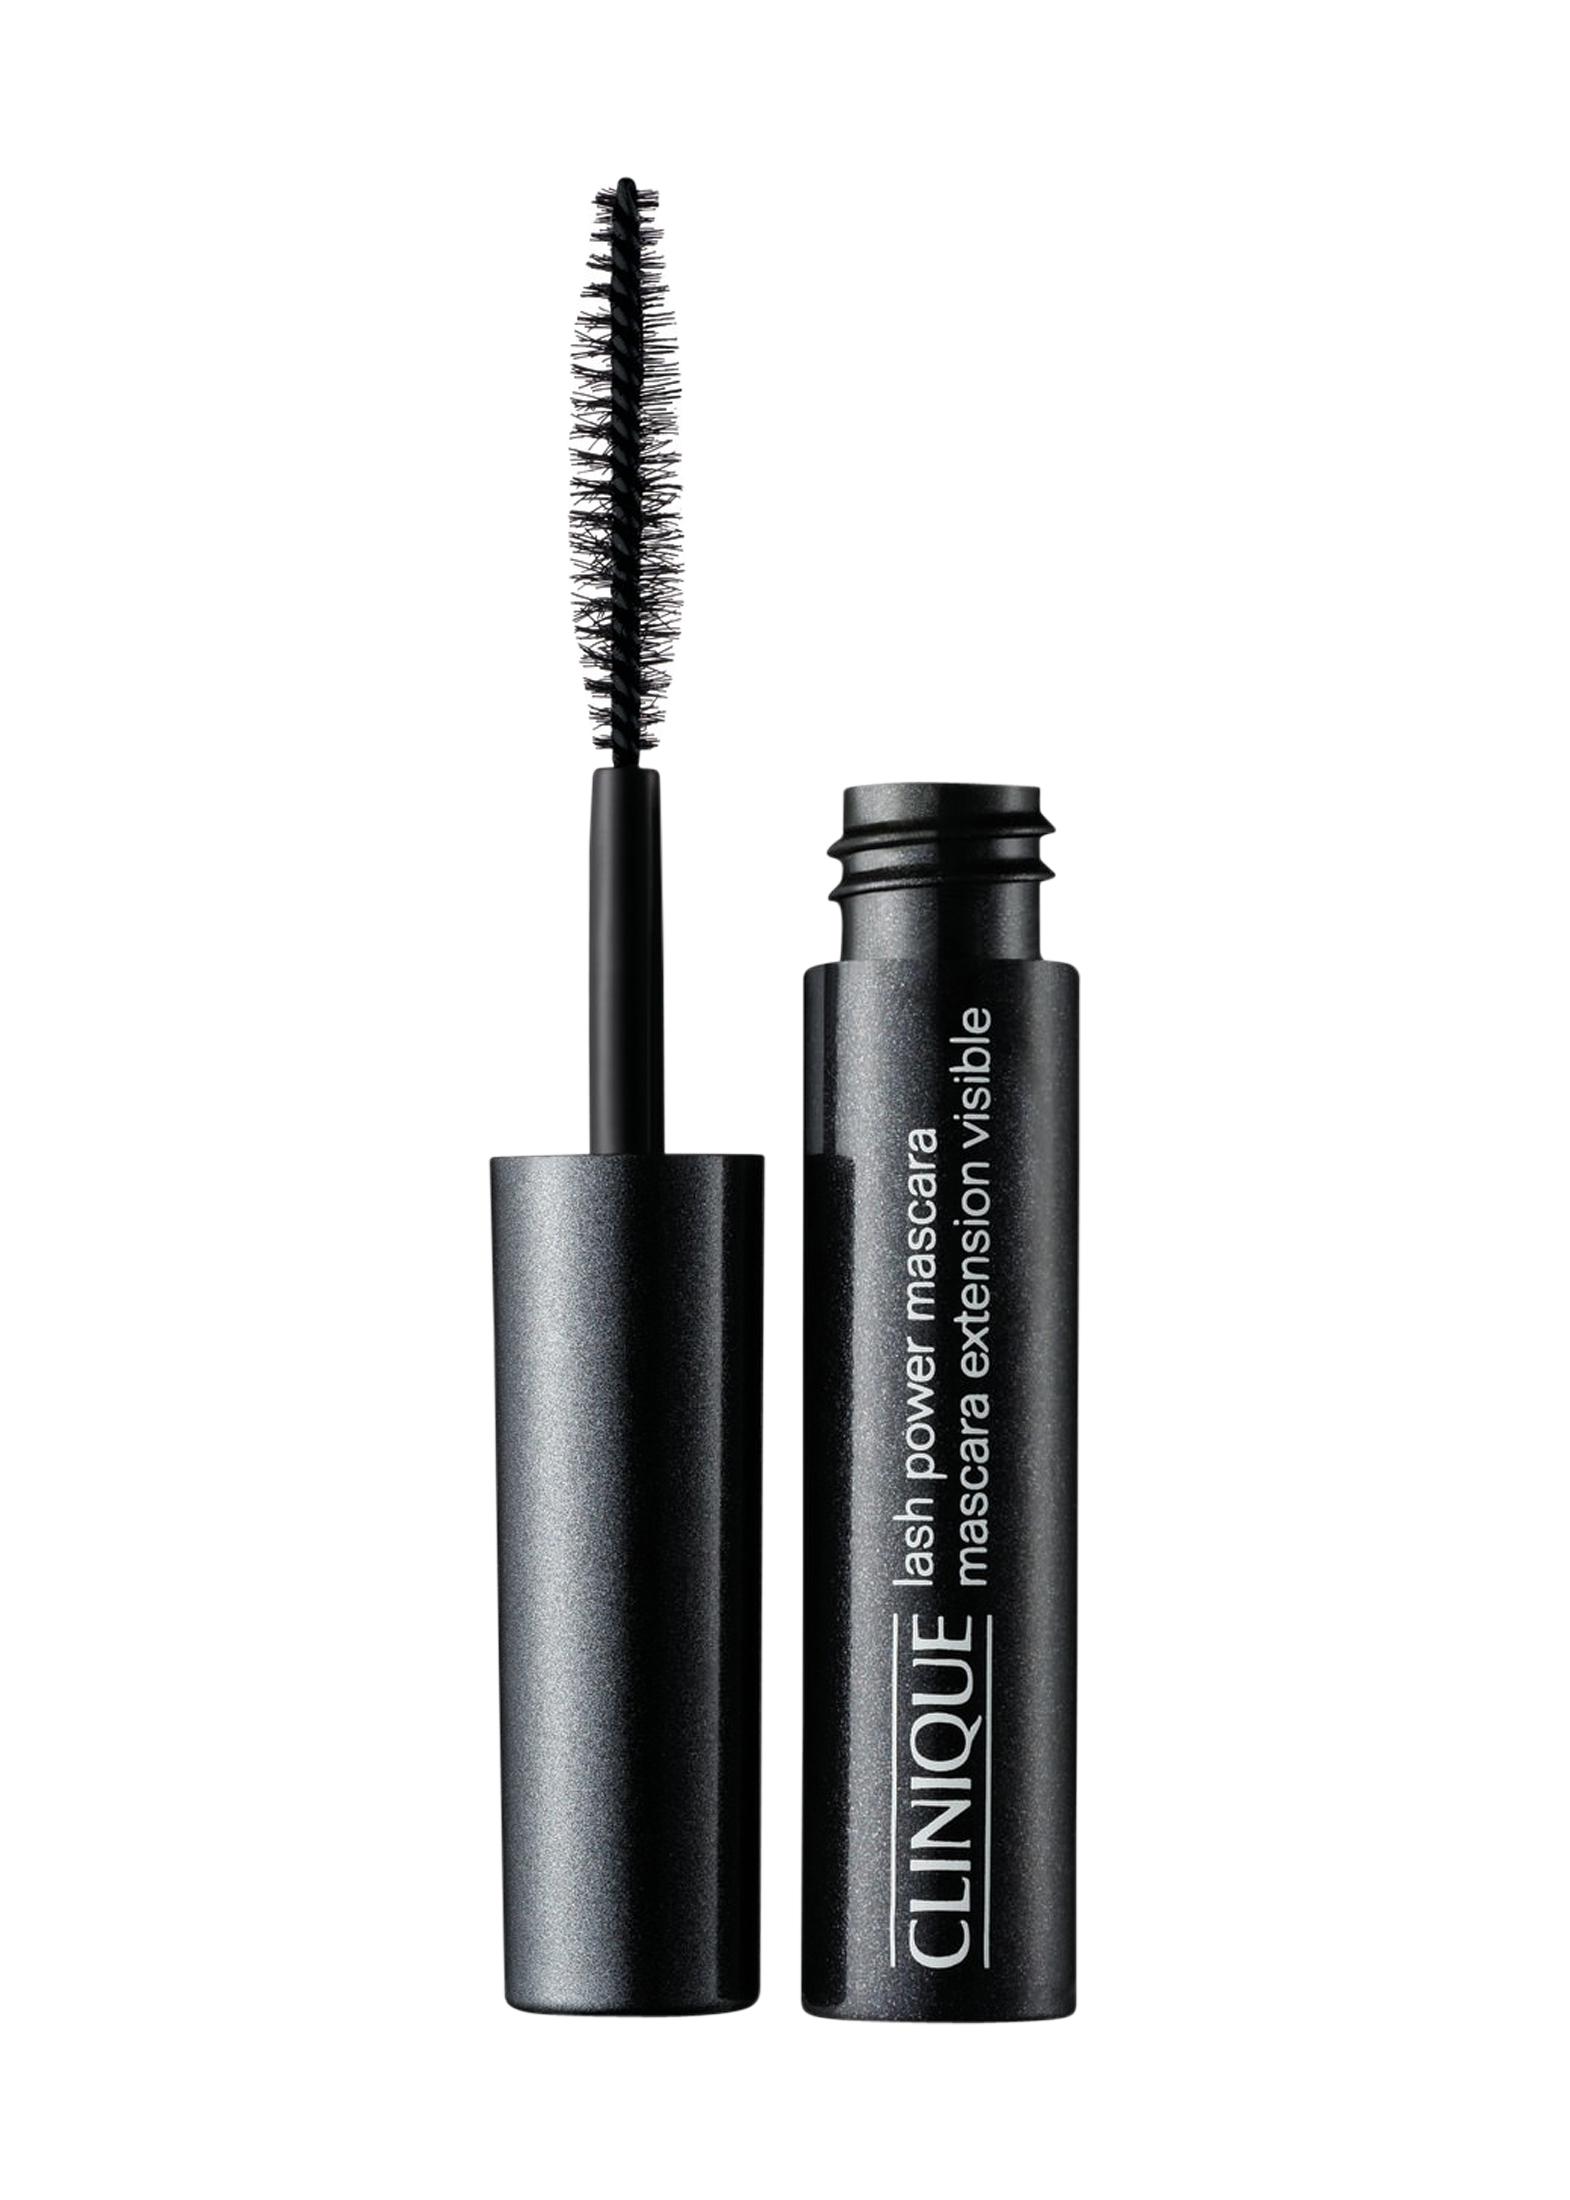 Lash Power Mascara Long Wearing, 6ml image number 0